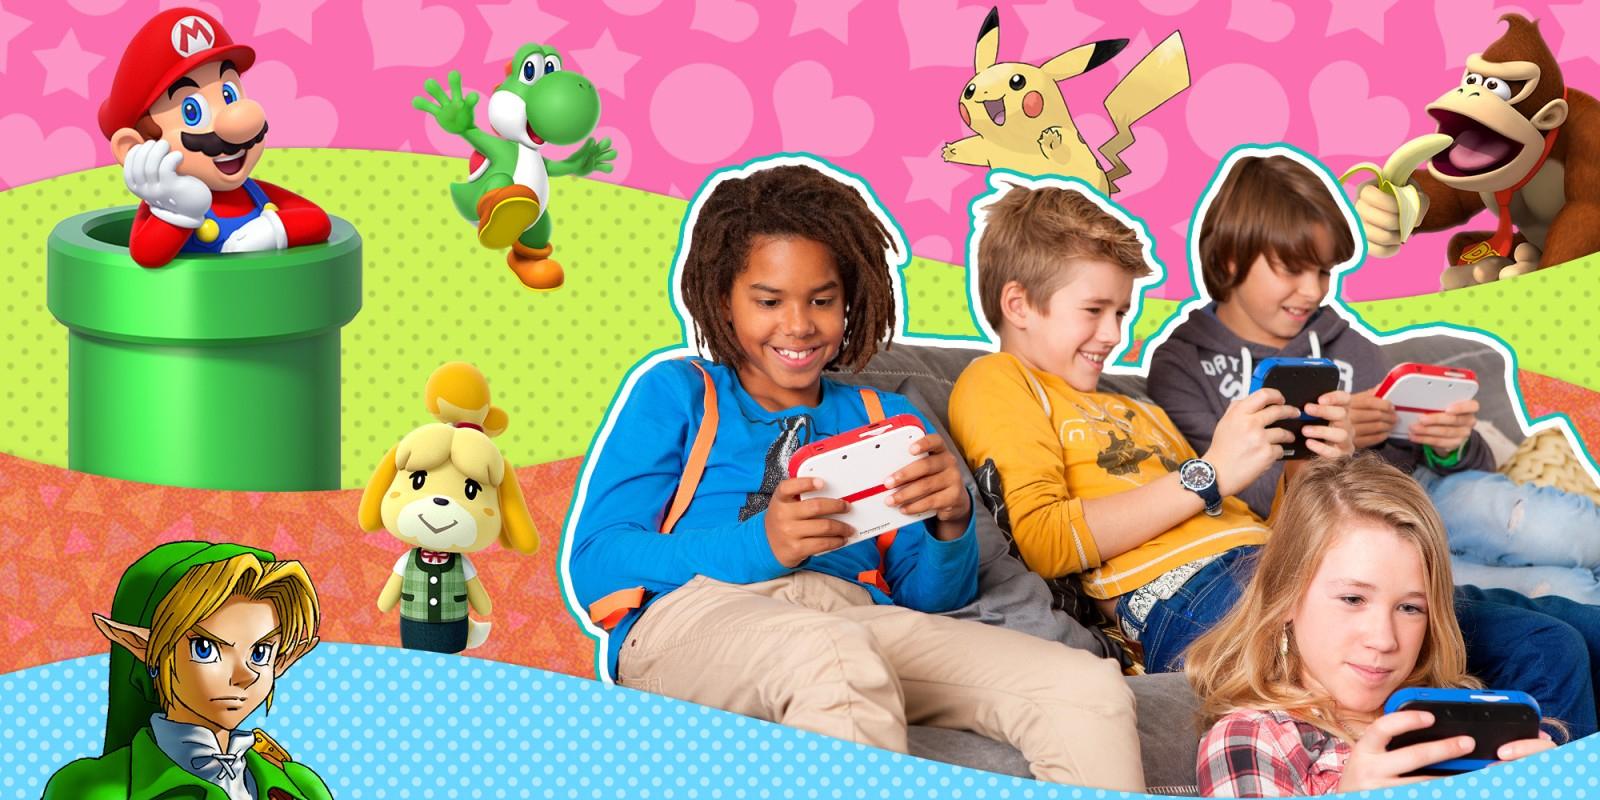 Jeux Nintendo Pour Les Enfants | Nintendo destiné Jeux Fille 3 Ans Gratuits